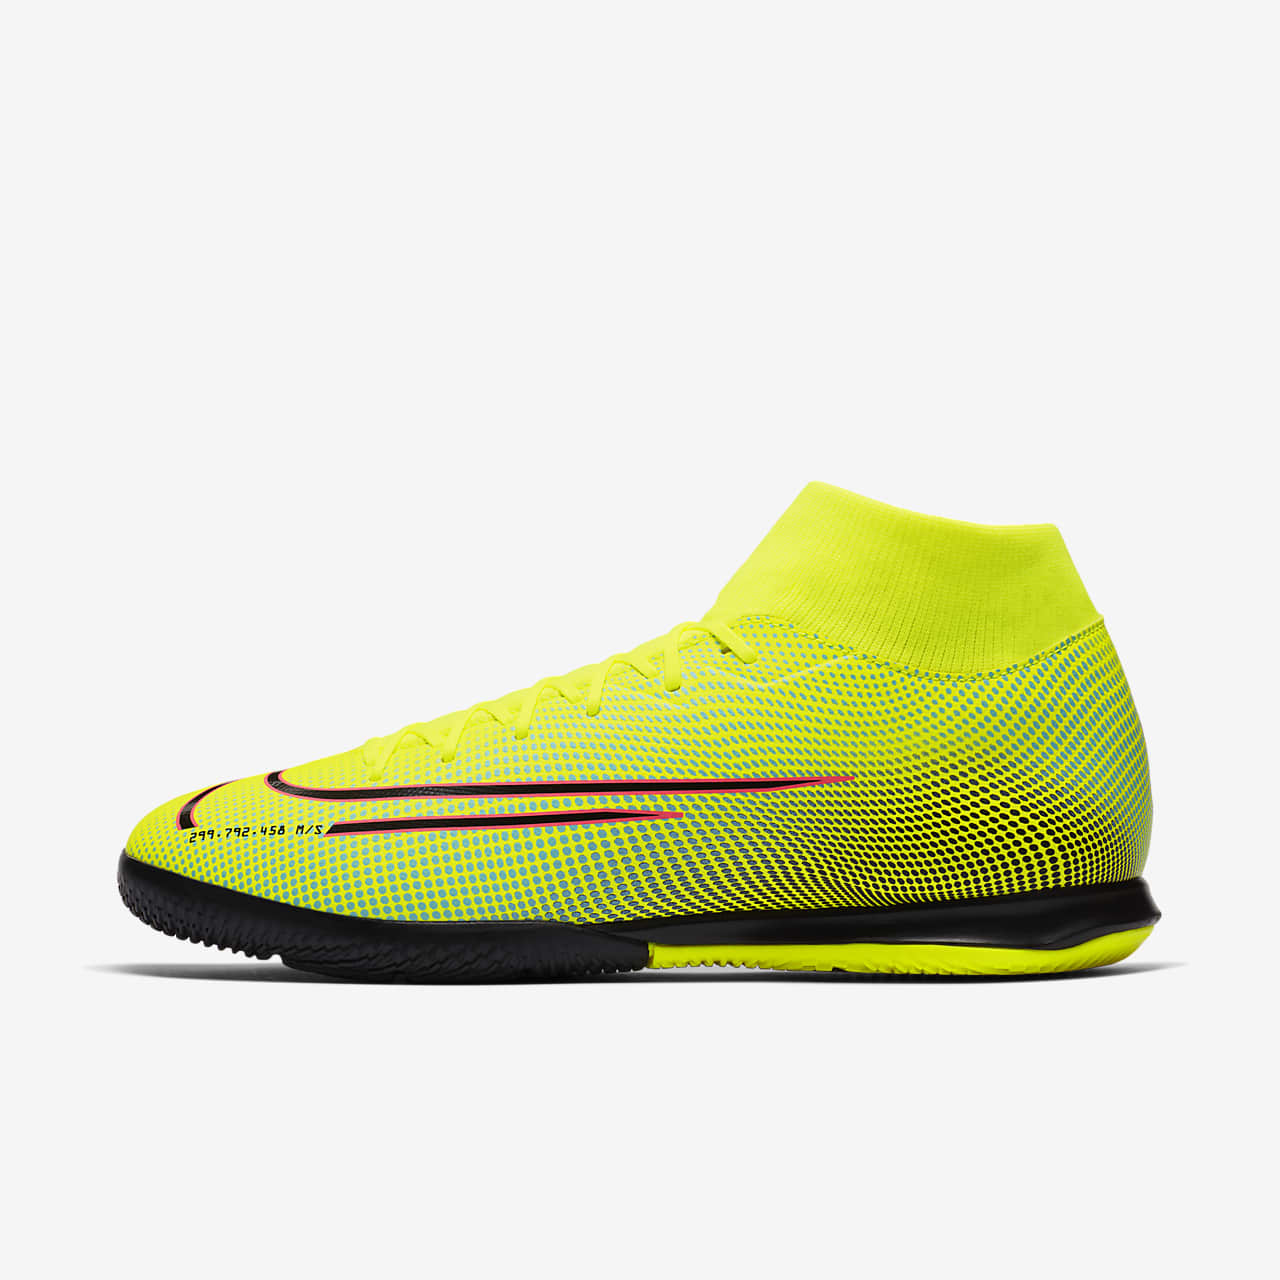 รองเท้าฟุตบอลสำหรับสนามในร่ม/คอร์ท Nike Mercurial Superfly 7 Academy MDS IC